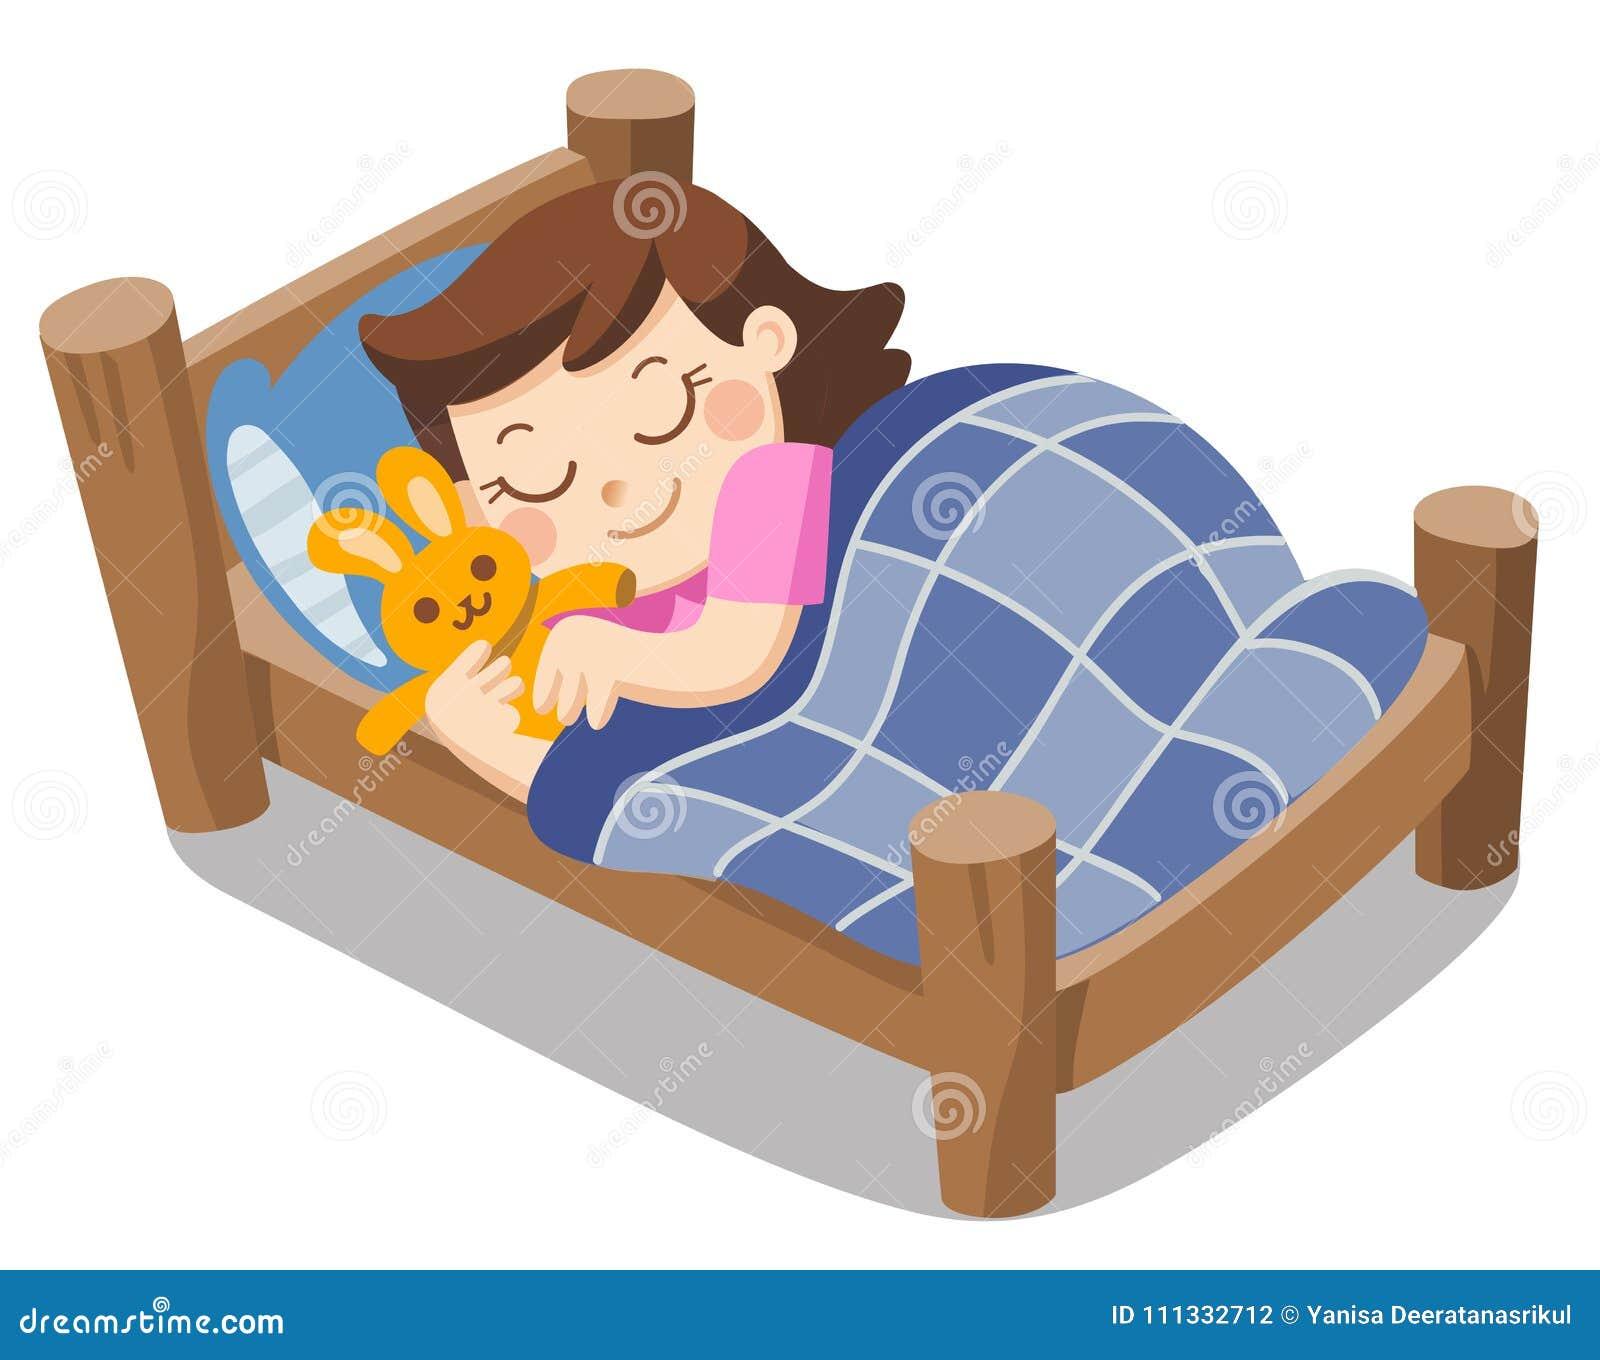 Een leuke meisjesslaap op vanavond dromen